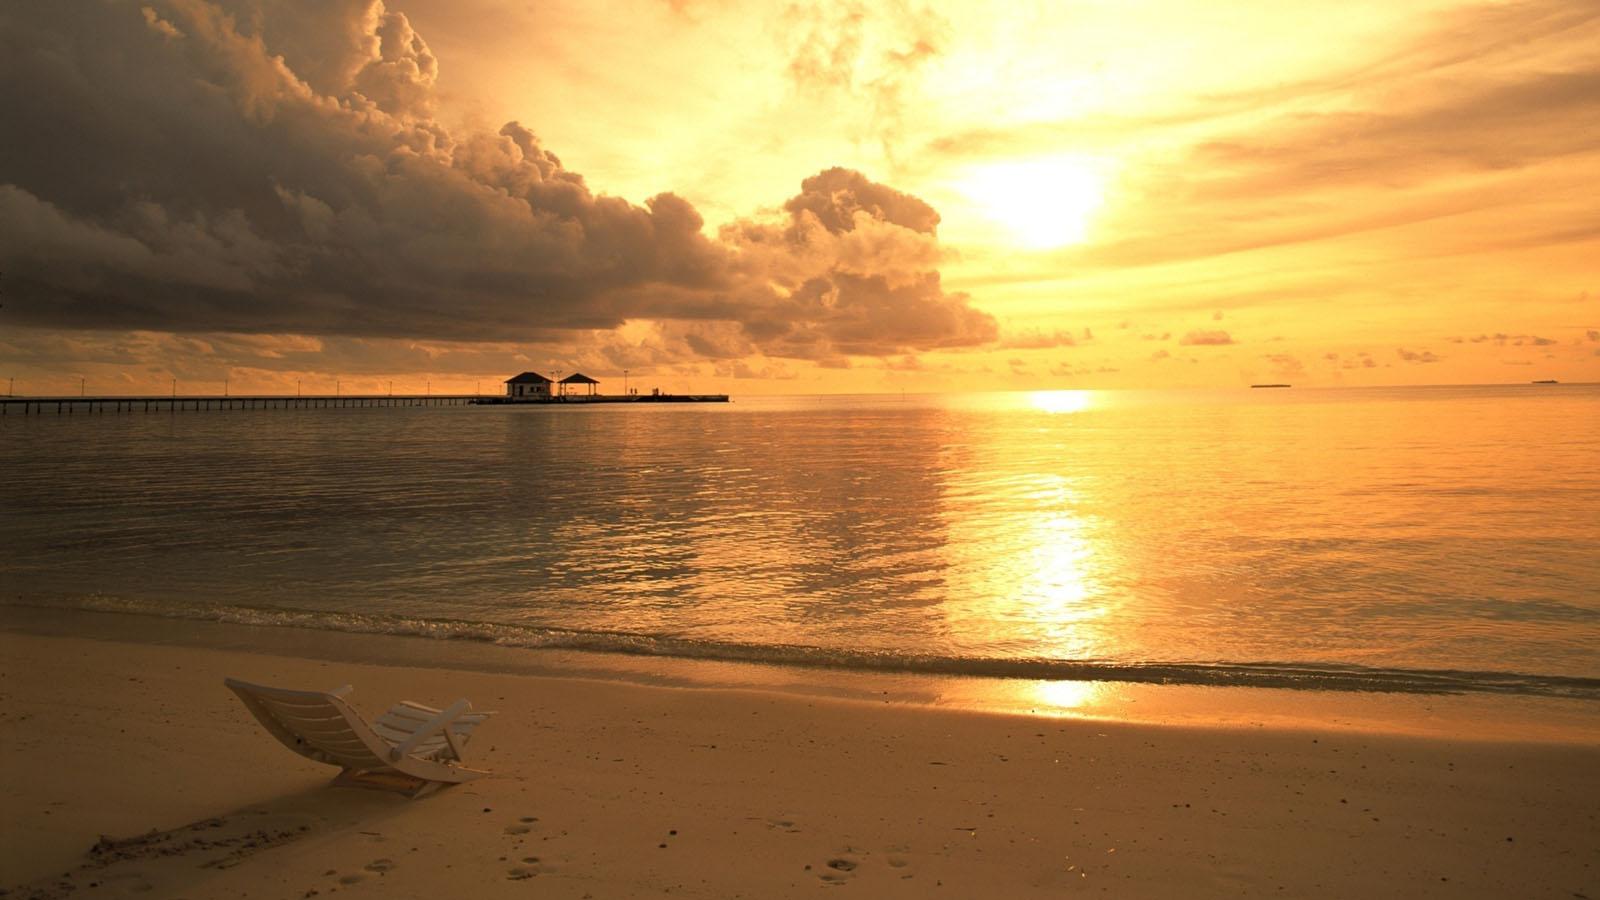 صور بحر خلفيات البحار والمياة بجودة HD (5)